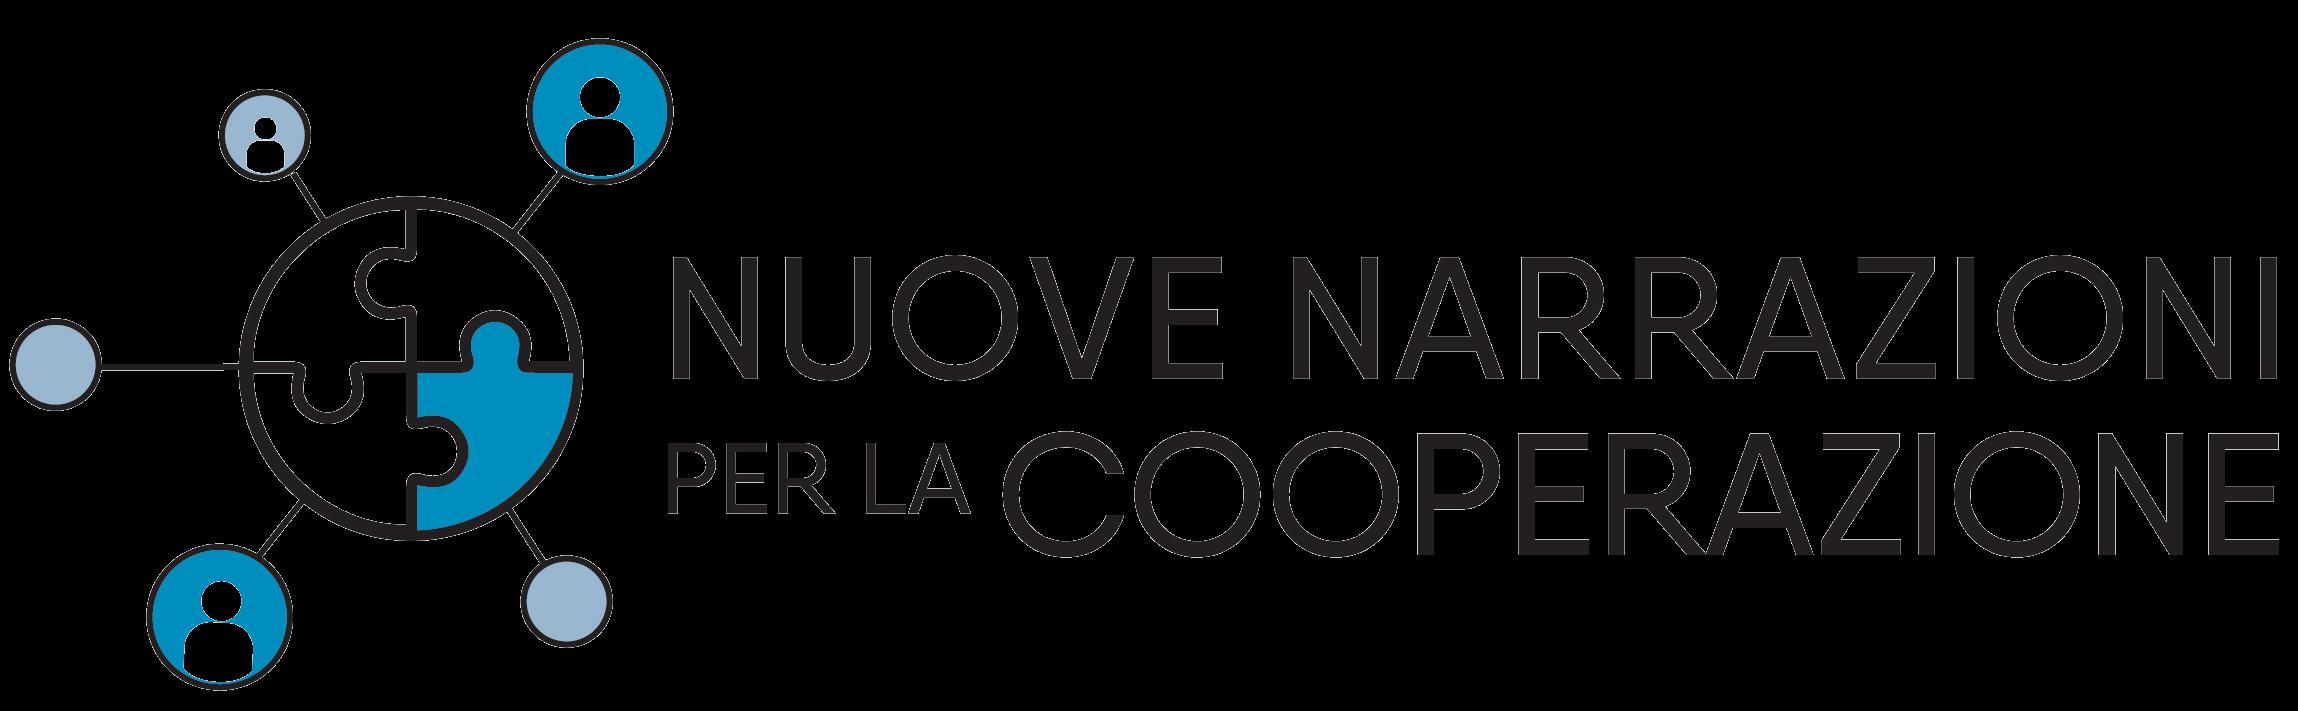 Nuove narrazioni della cooperazione